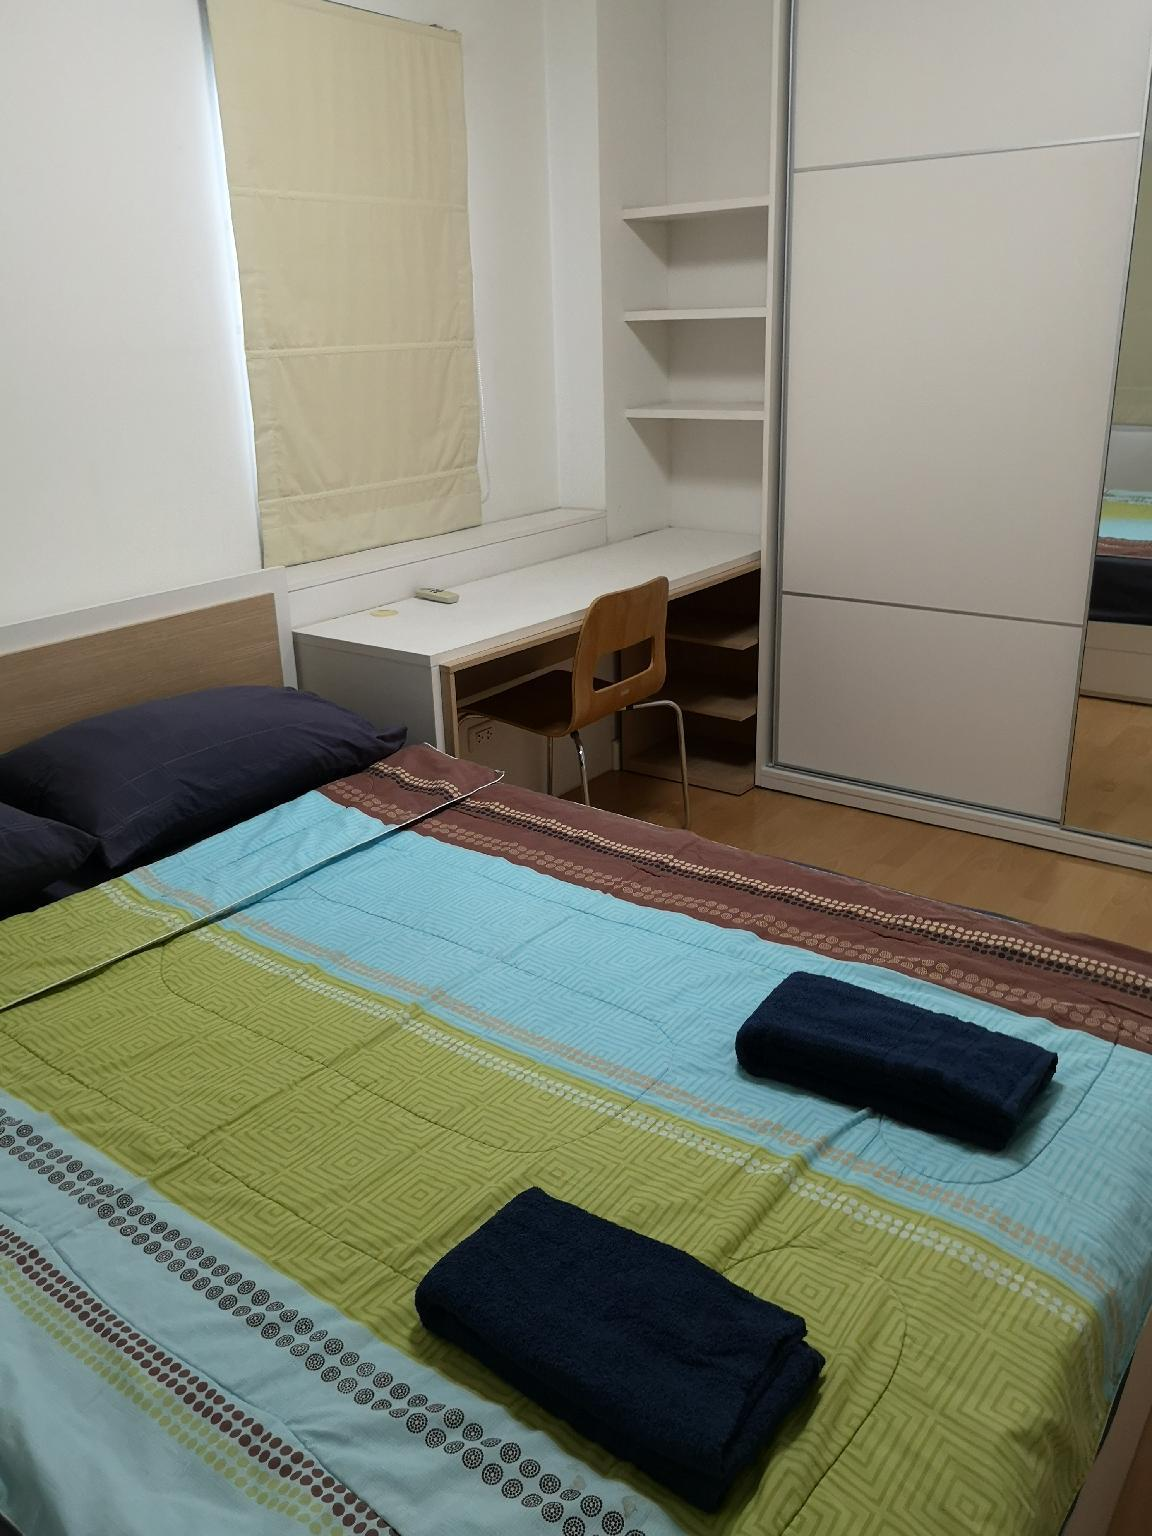 comfy deluxe one bedroom อพาร์ตเมนต์ 1 ห้องนอน 1 ห้องน้ำส่วนตัว ขนาด 30 ตร.ม. – สุขุมวิท